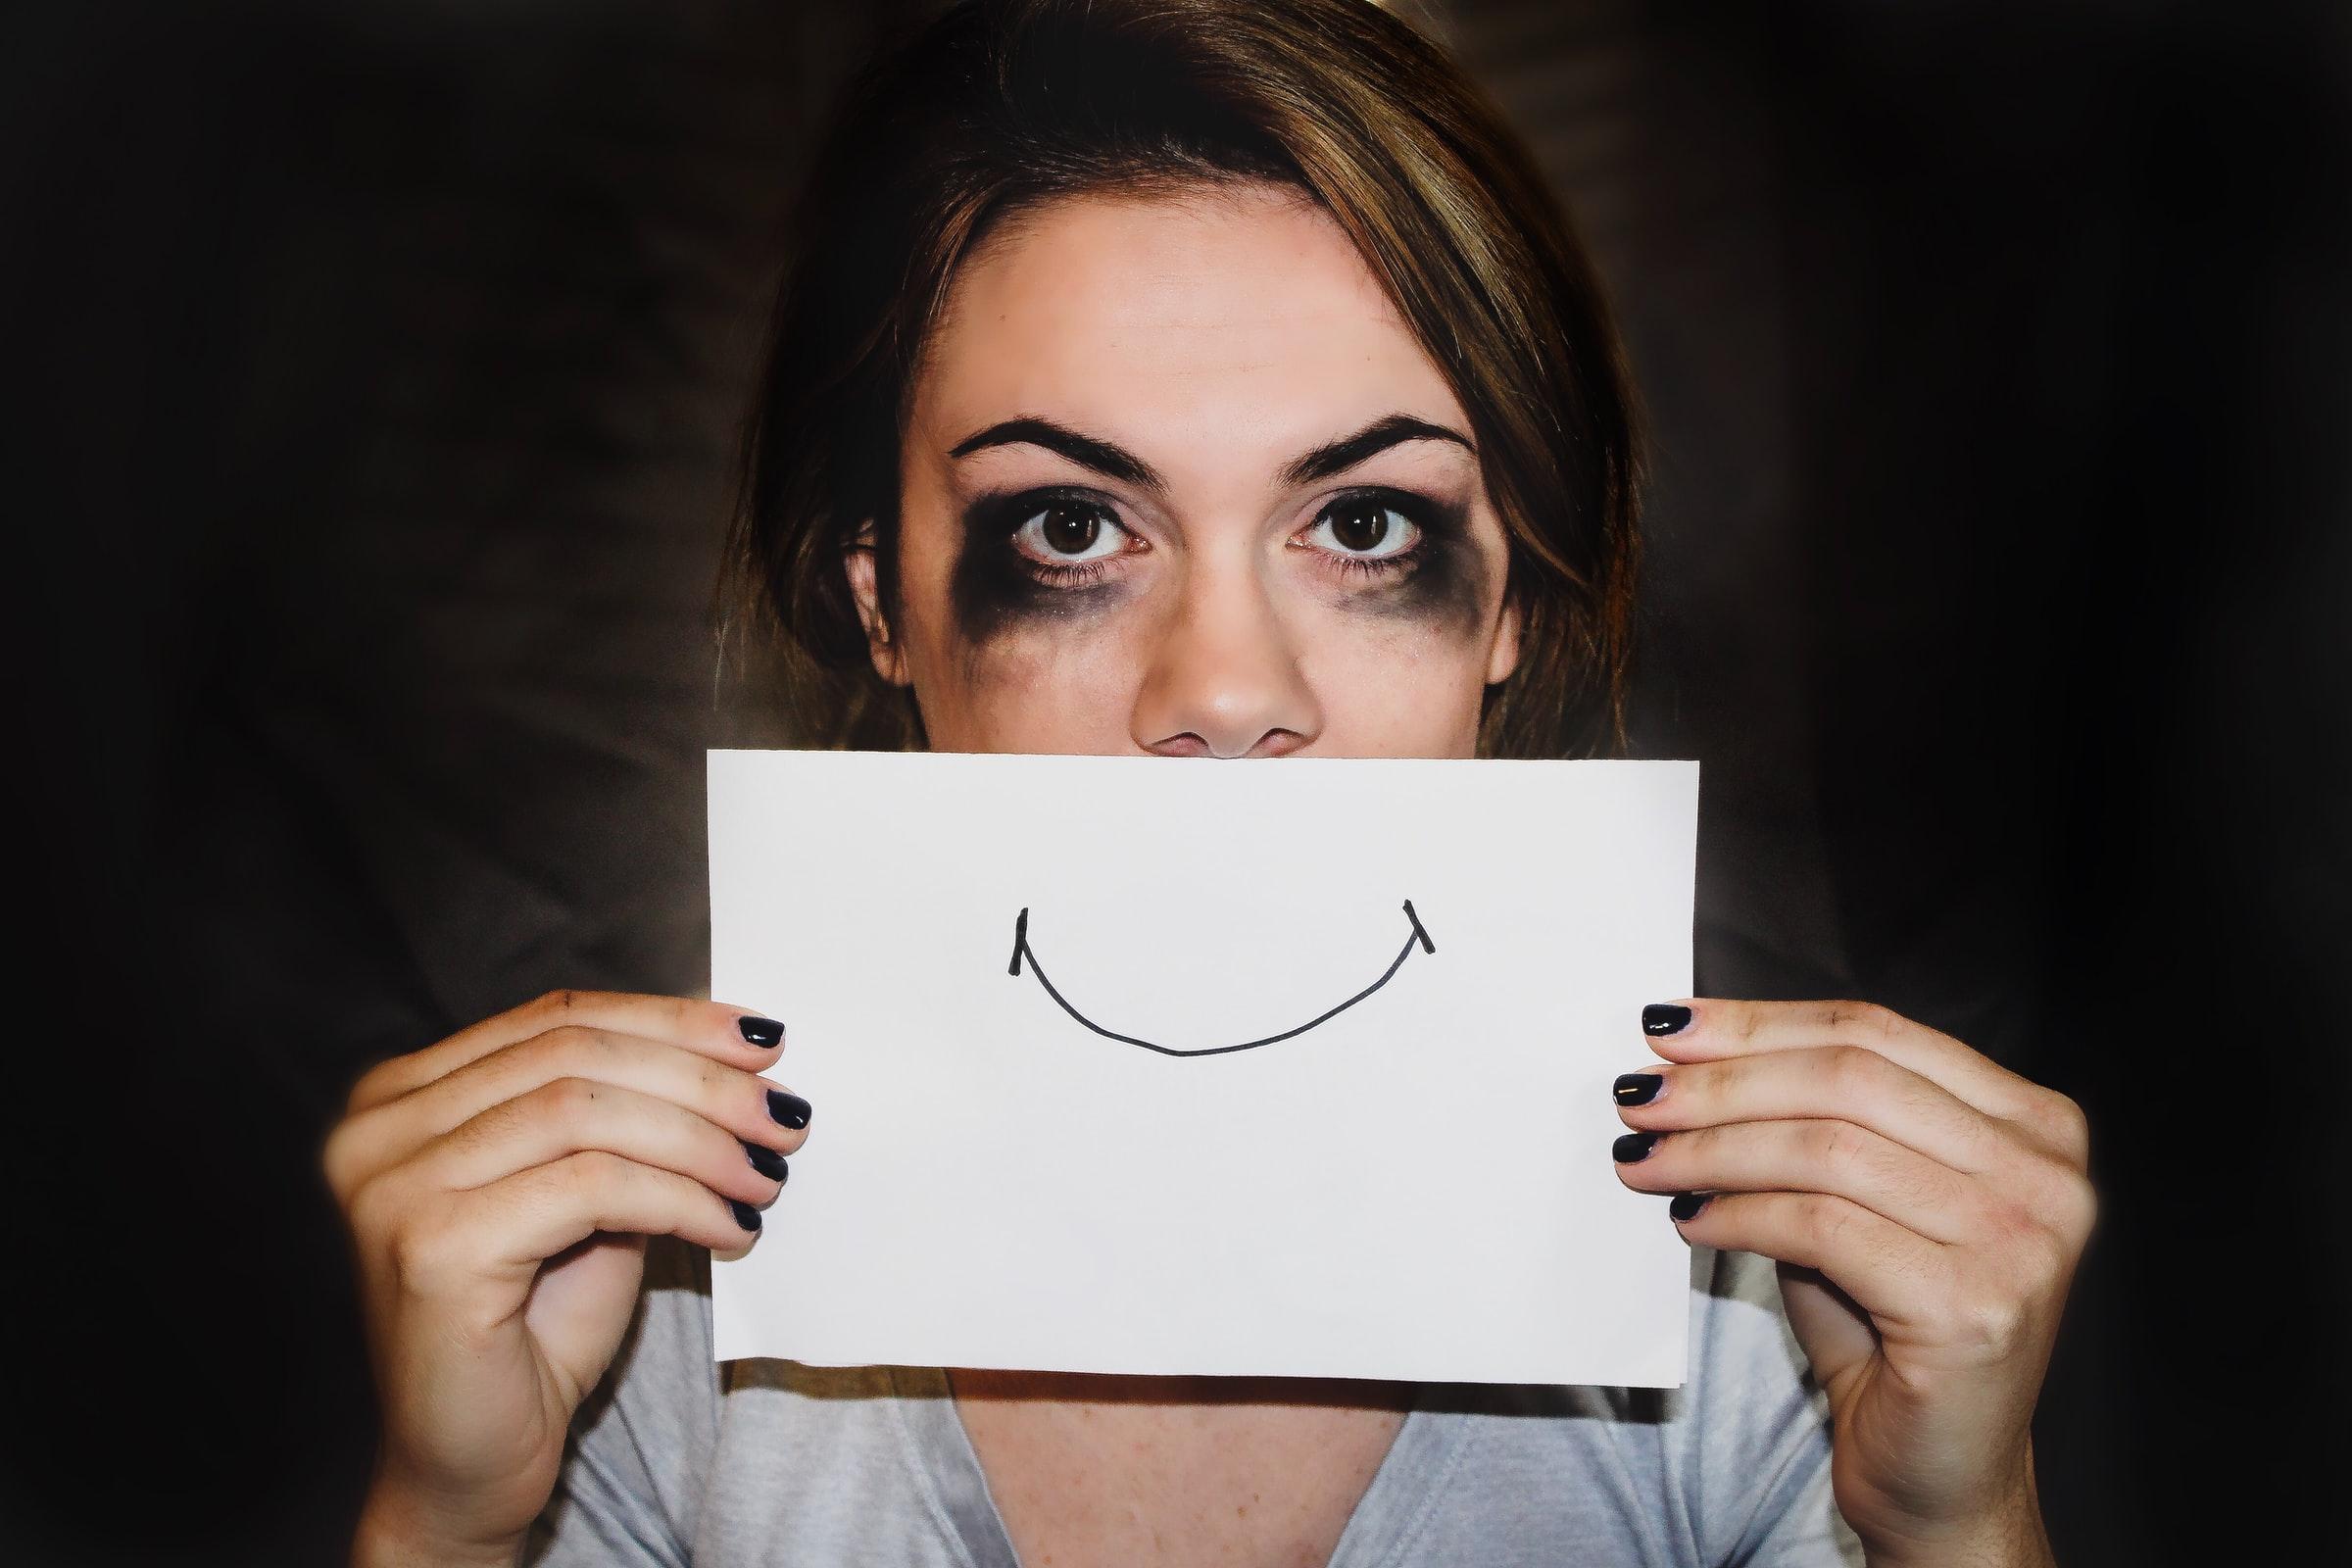 стресс, как полюбить себя